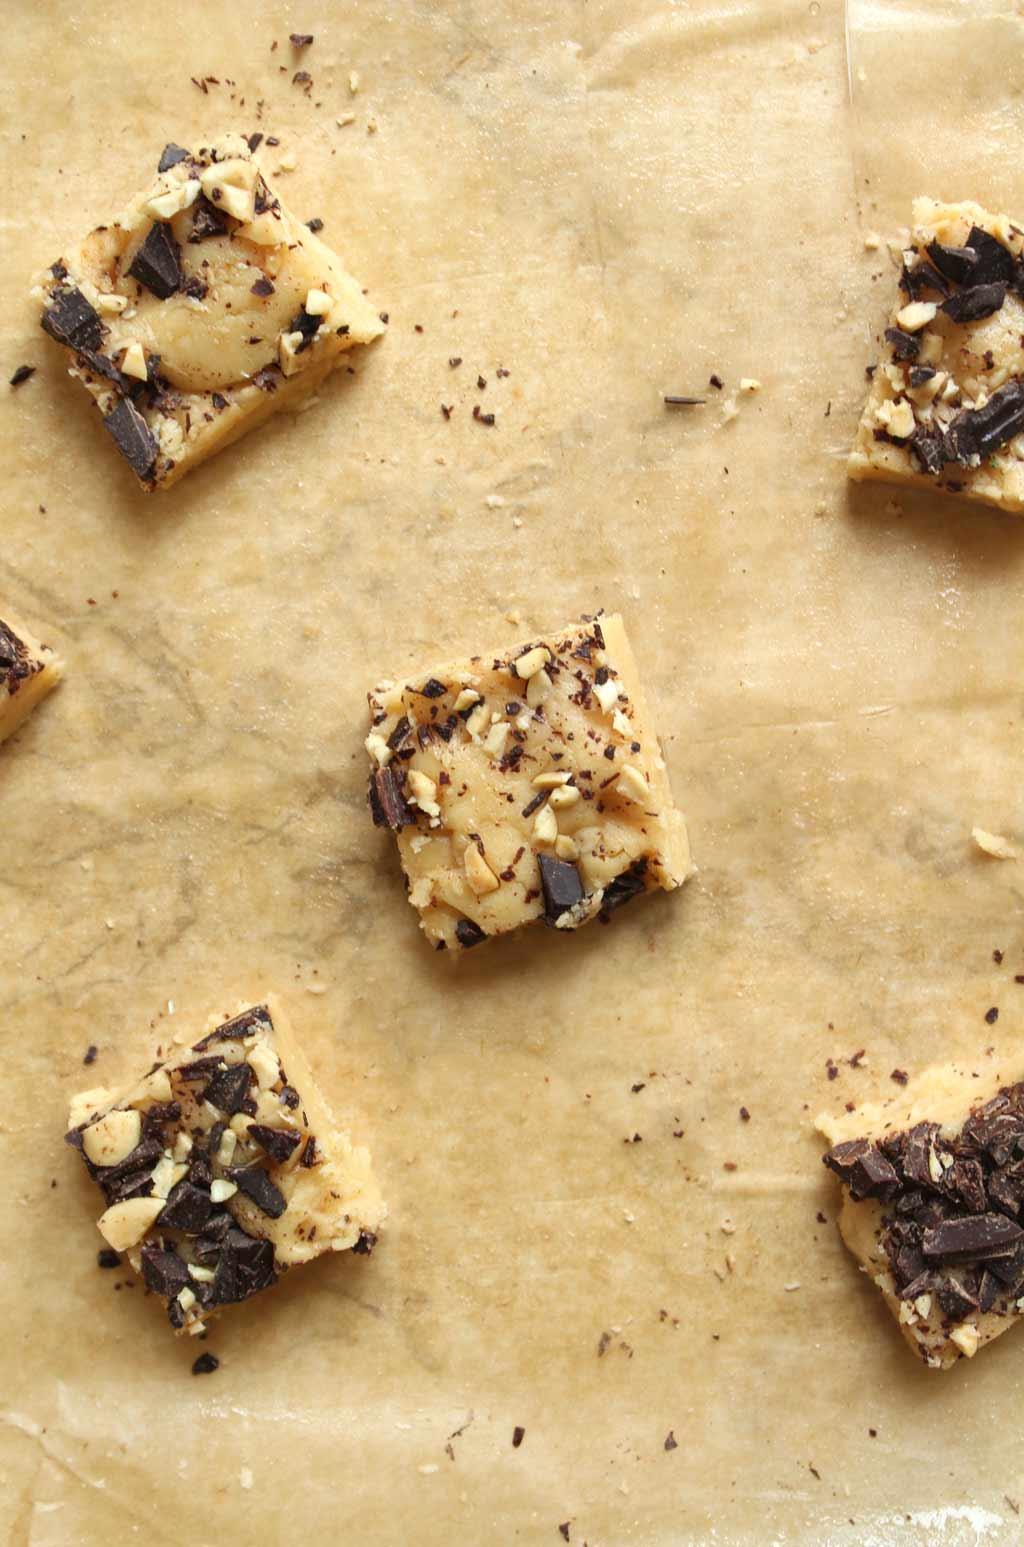 pieces of fudge on parchment paper